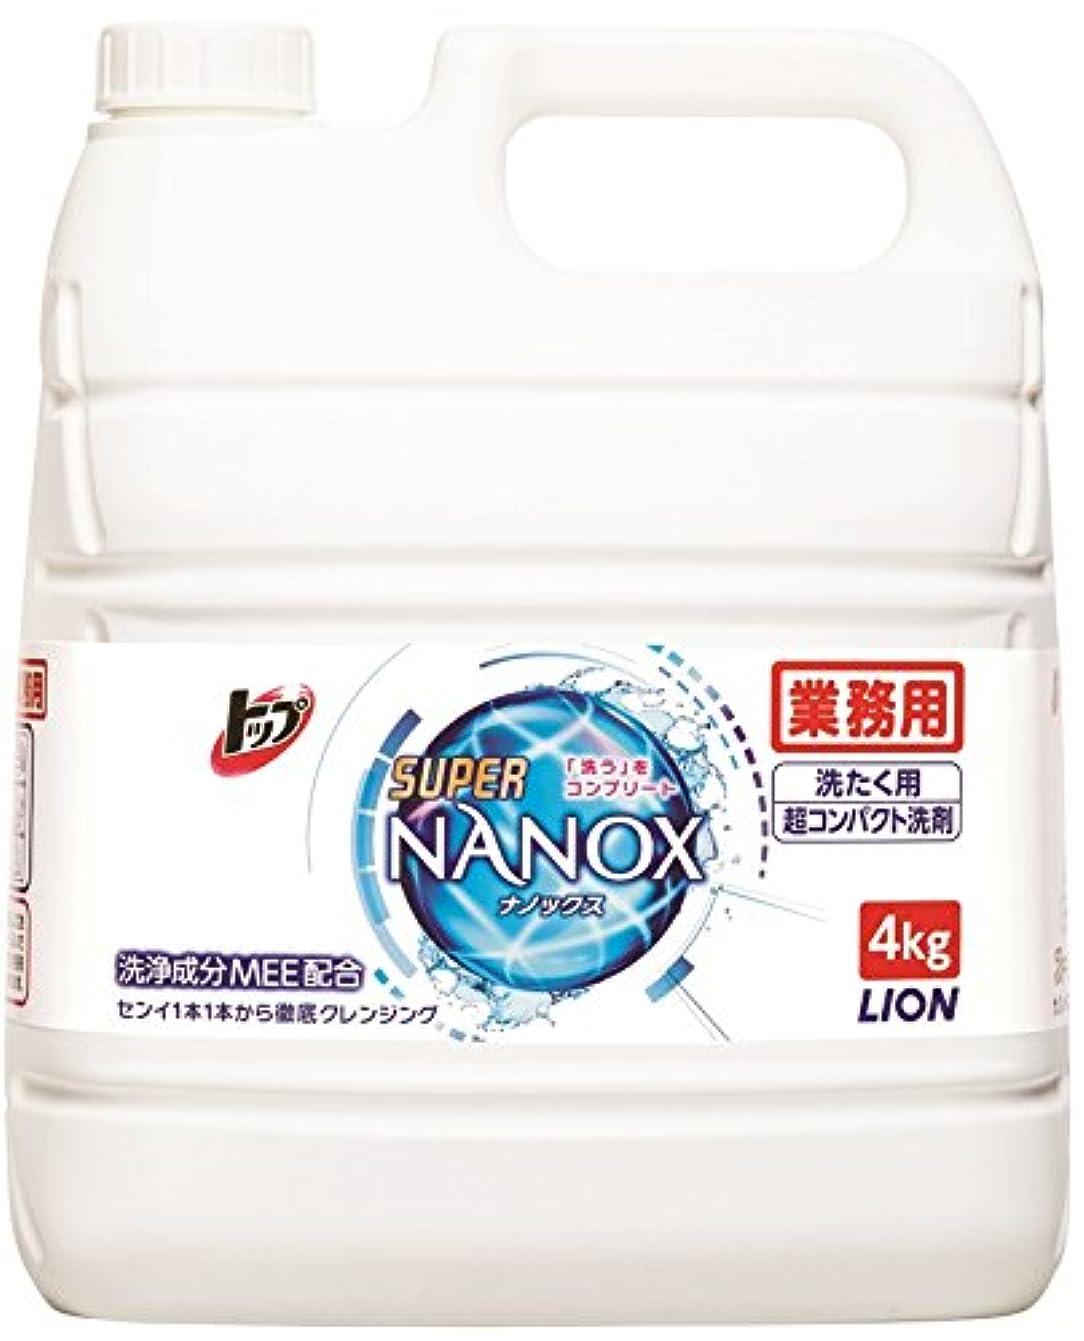 エスカレータージョセフバンクス流行【業務用 大容量】トップ スーパーナノックス 洗濯洗剤 液体 4Kg